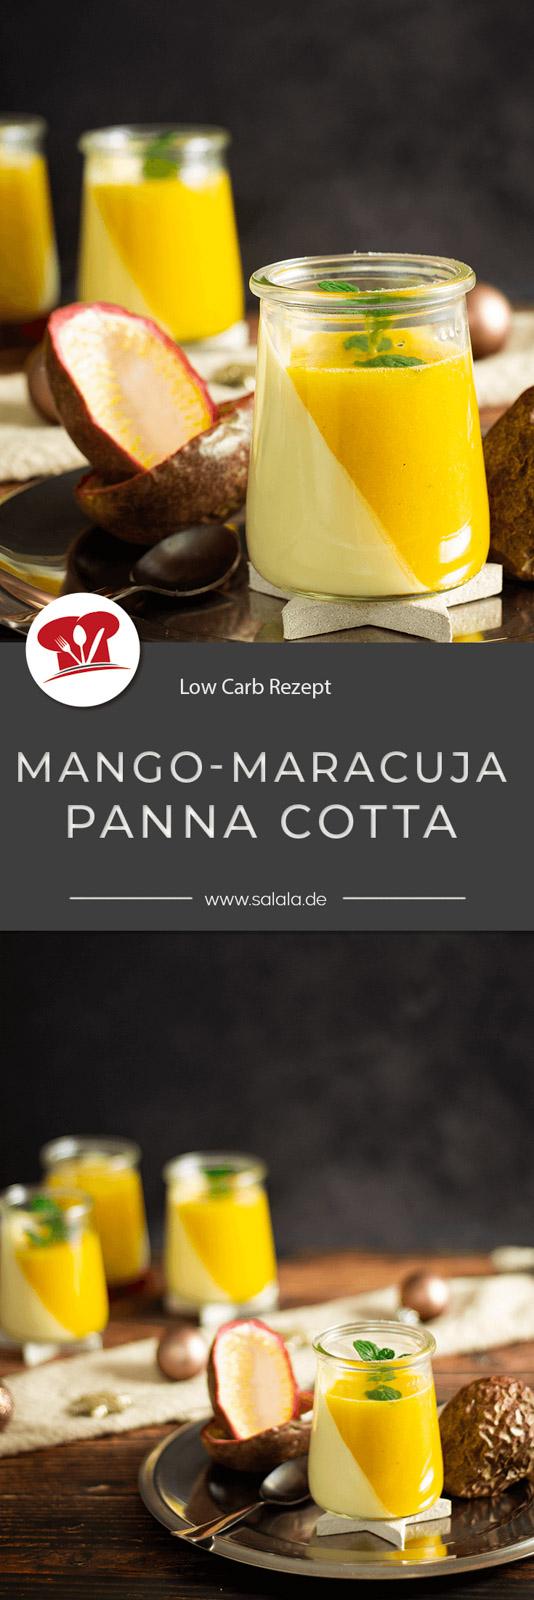 Jedes Jahr die selbe Frage. Was gibt's an Weihnachten als Nachspeise? Unsere Antwort in diesem Jahr? Mango-Maracuja-Panacotta ohne Zucker also in Low Carb. Schmeckt super lecker ist nur leider nicht Keto. Aber als Low Carb kann man das durchaus bezeichnen. Ein perfektes Weihnachtsdessert. #lowcarbpannacotta #pannacottaohneZucker #pannacottamitmango #weihnachtsdessert #maracujapueree #pannacottamitpueree #lowcarbdessert